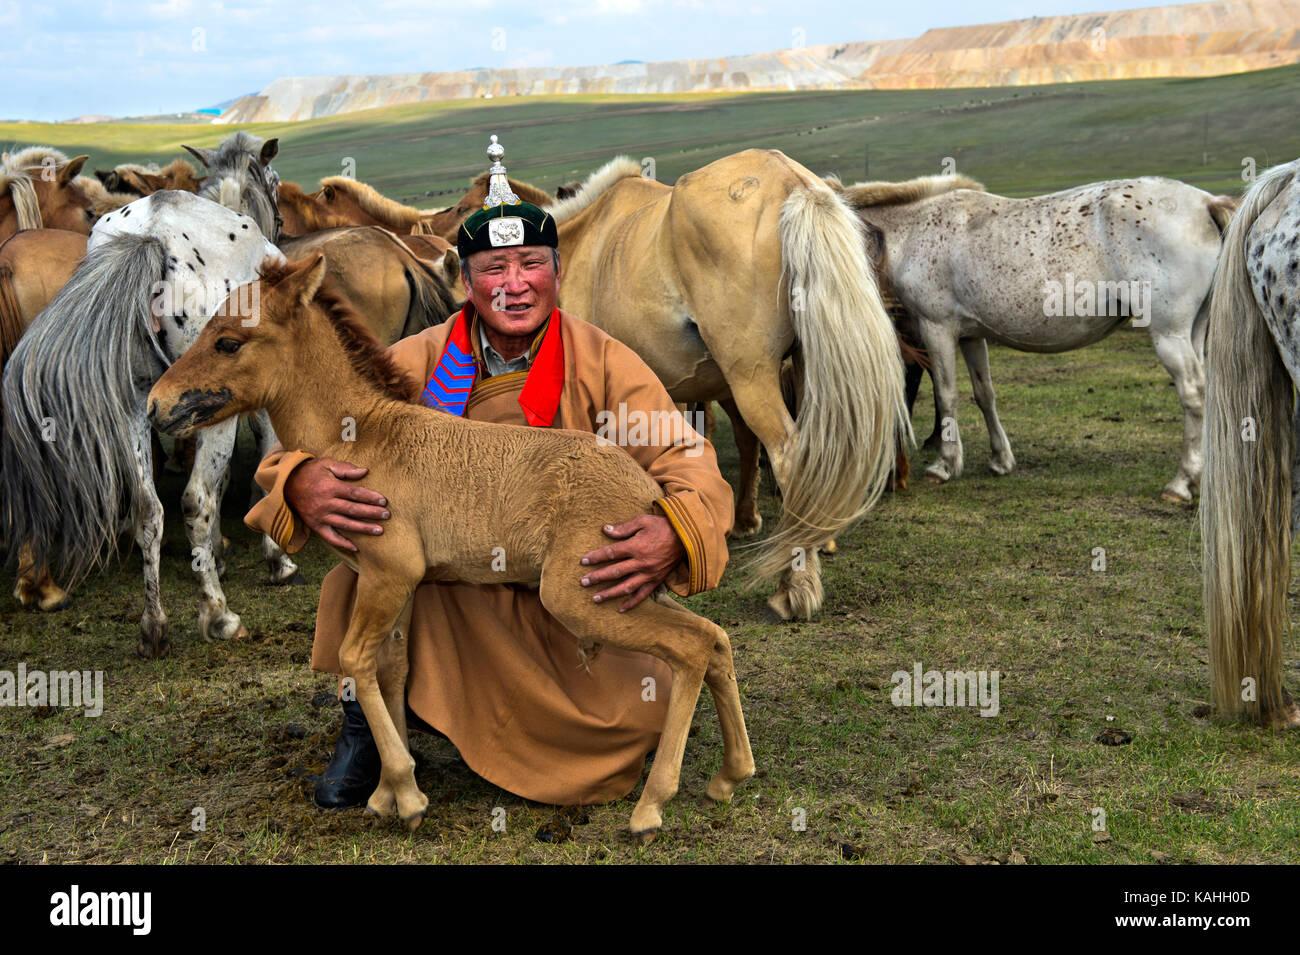 Hombre, caballo pastor mongol, en el tradicional vestido de potro y la manada de caballos, Mongolia Imagen De Stock